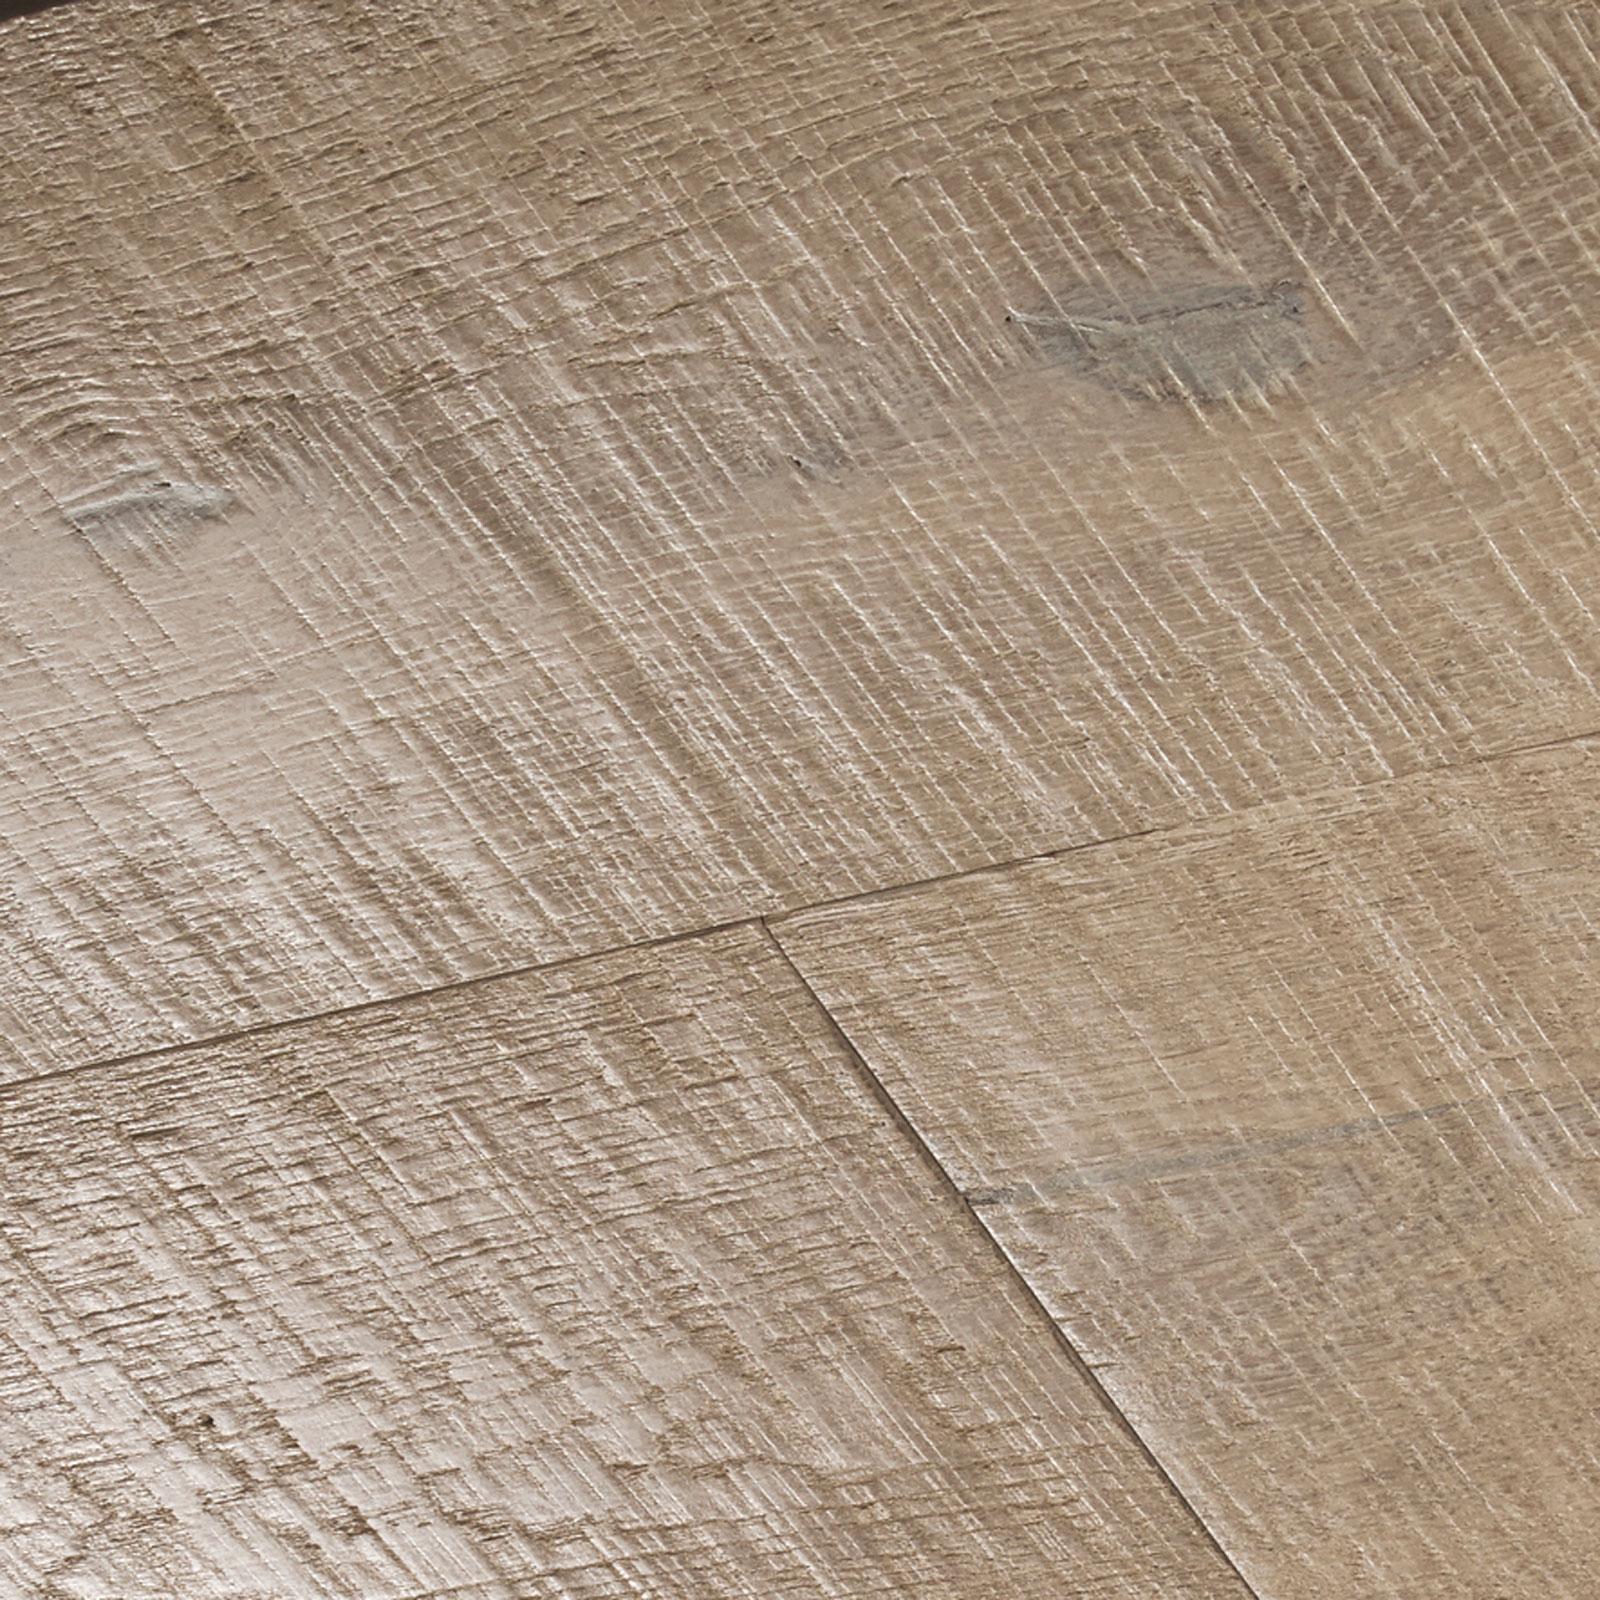 swatch-cropped-chepstow-sawn-grey-oak-1600.jpg